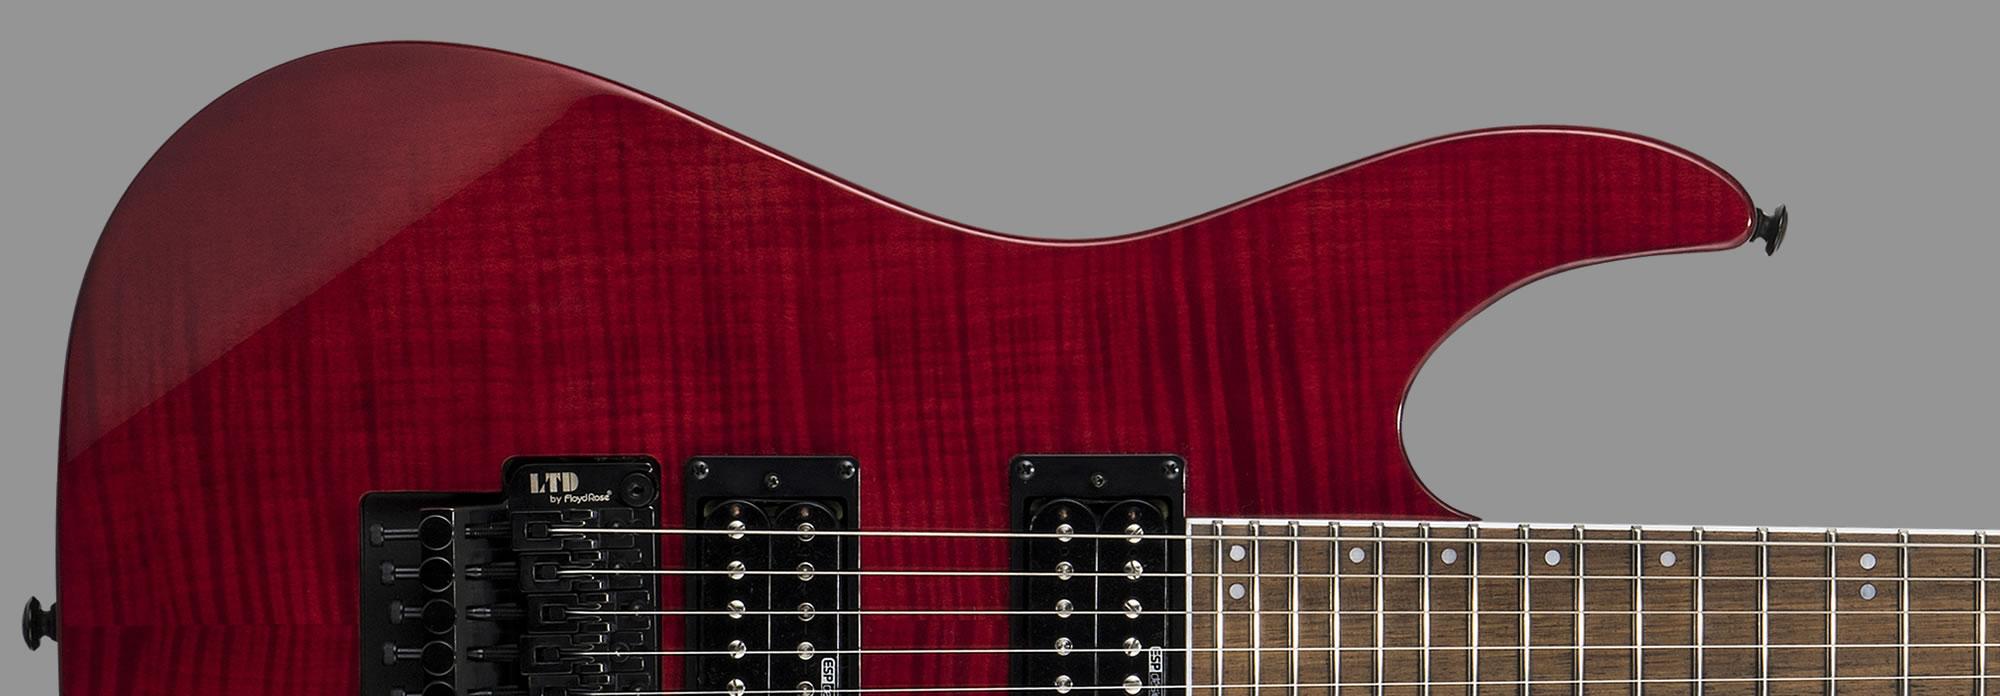 ESP LTD M-200FM See-Thru Red